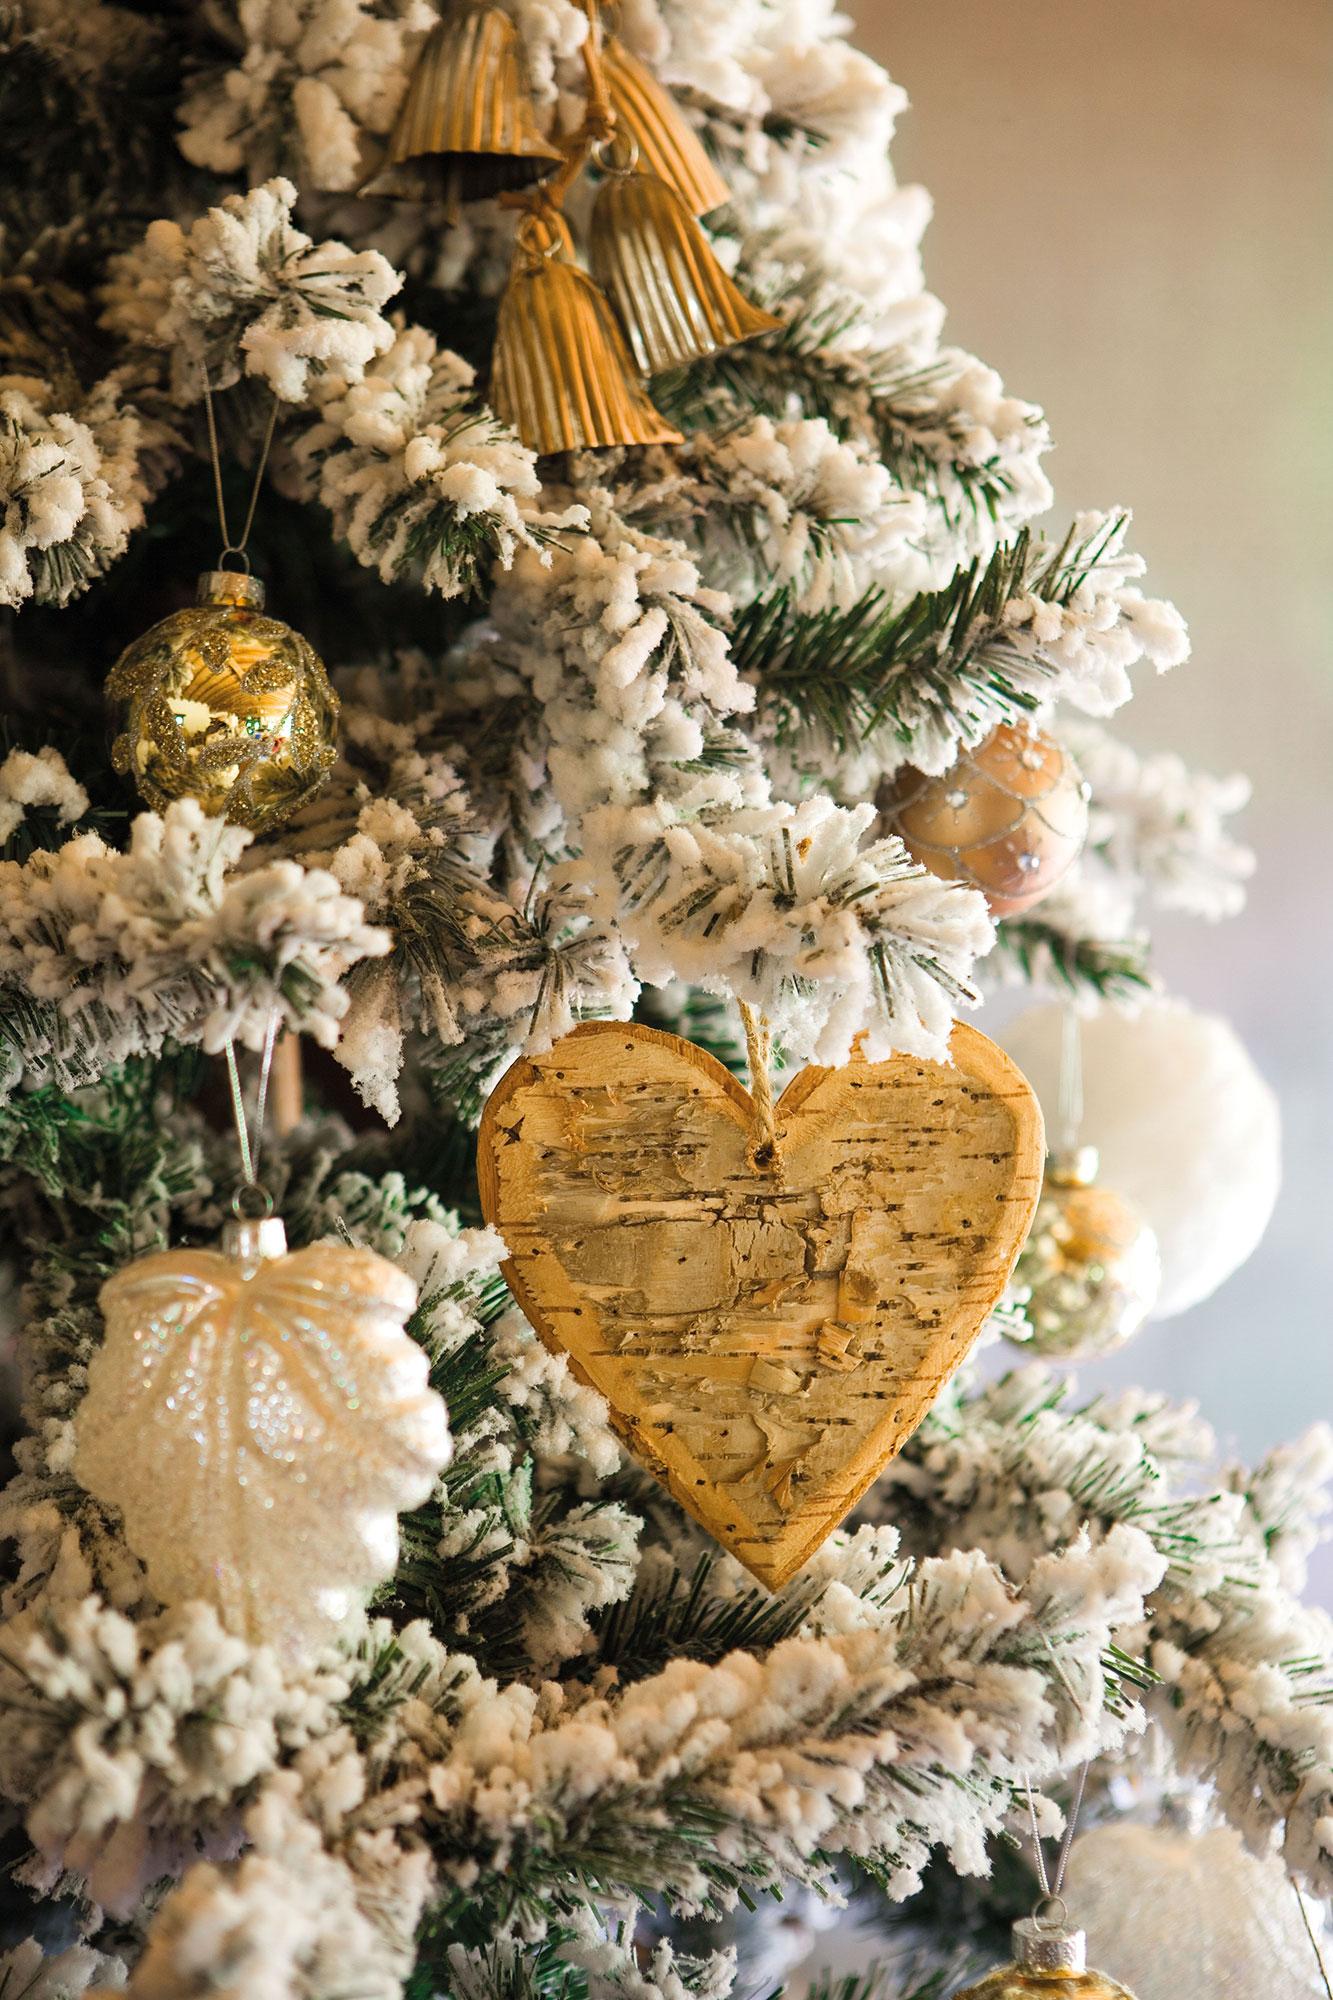 Navidad 15 ideas para decorar de fiesta tu casa - Arbol de navidad nevado artificial ...